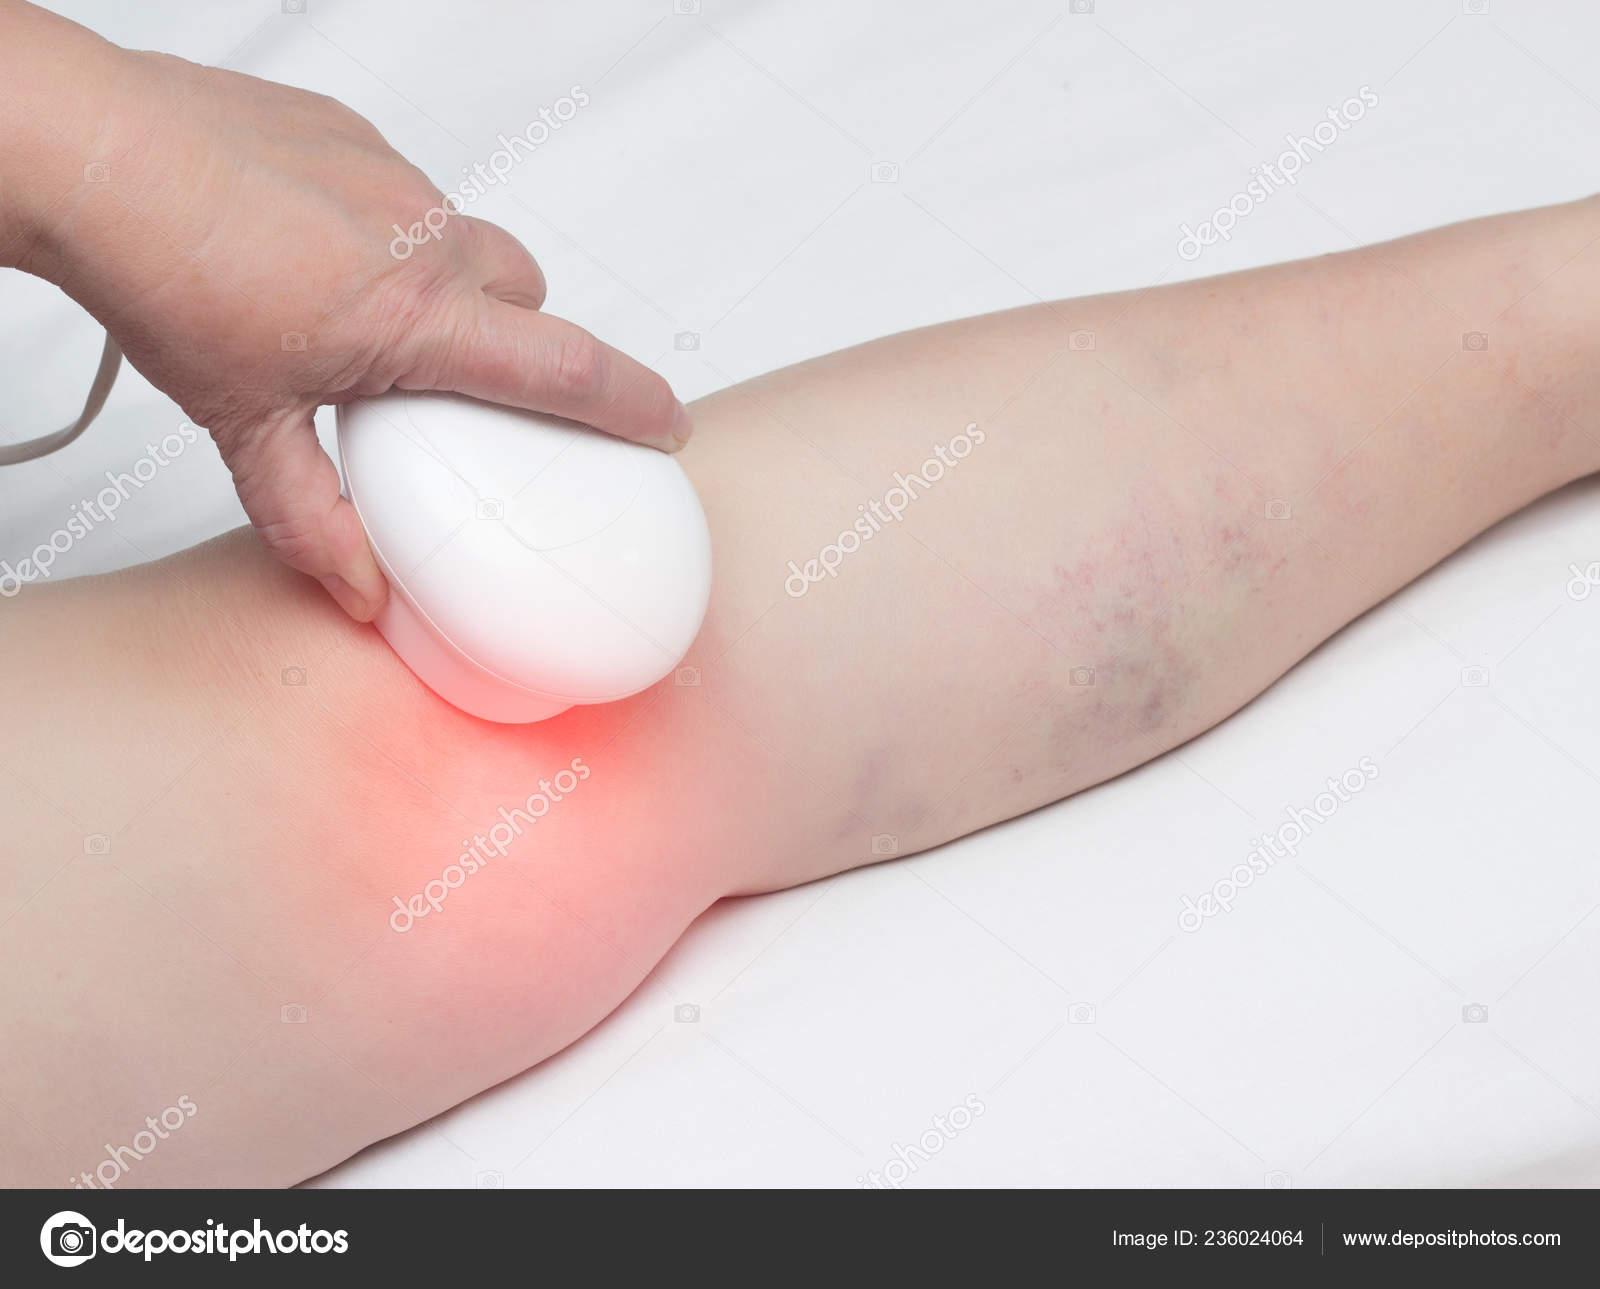 bokaízületek osteoarthrosis kezelése